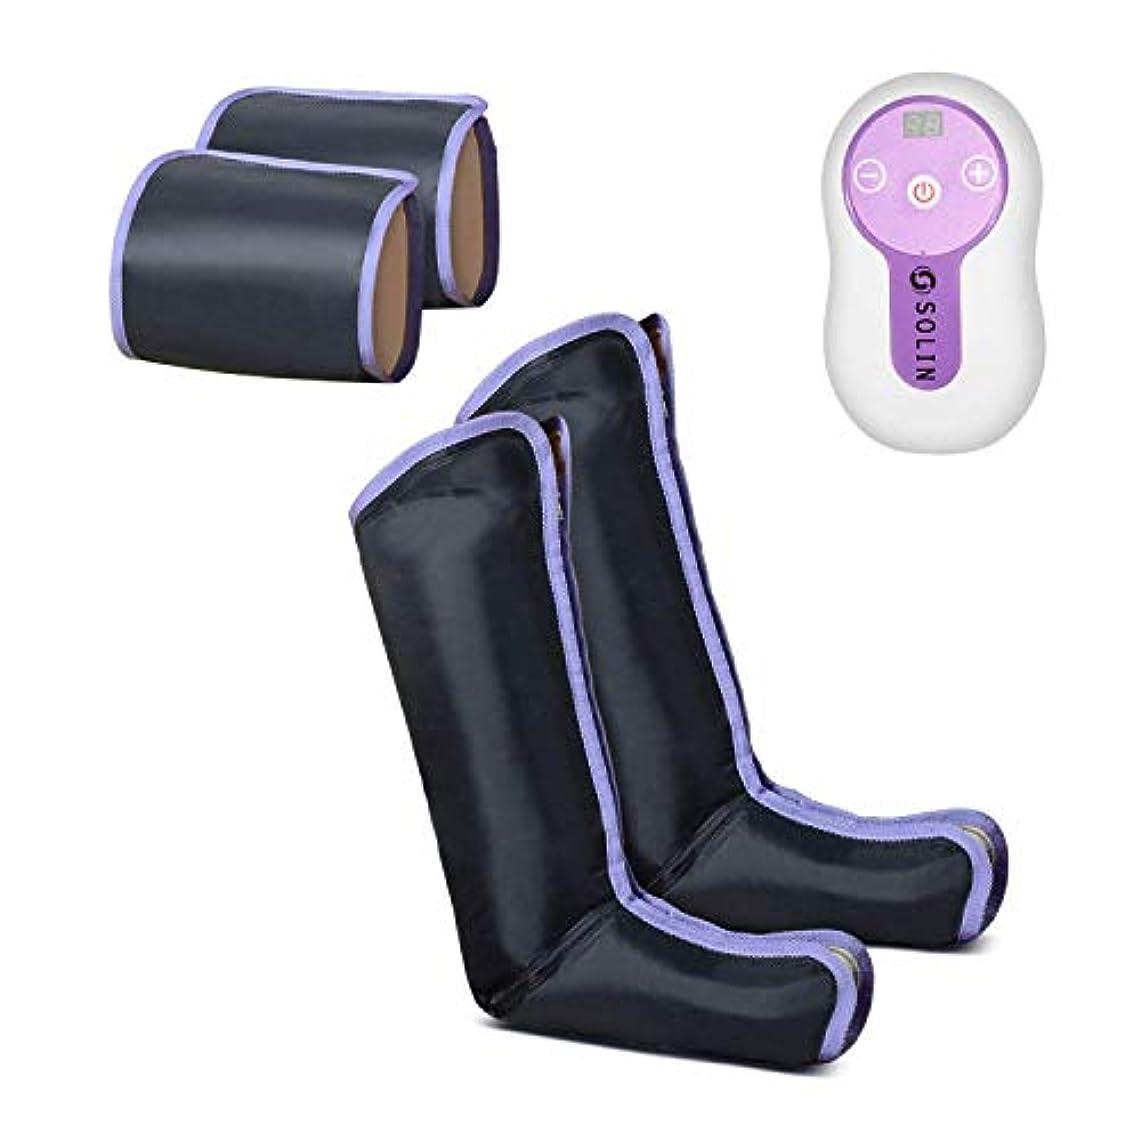 適切なカイウス贅沢なフットマッサージャー 母の日 エアーマッサージャー ひざ/太もも巻き対応 家庭用 空気圧縮 フットケア